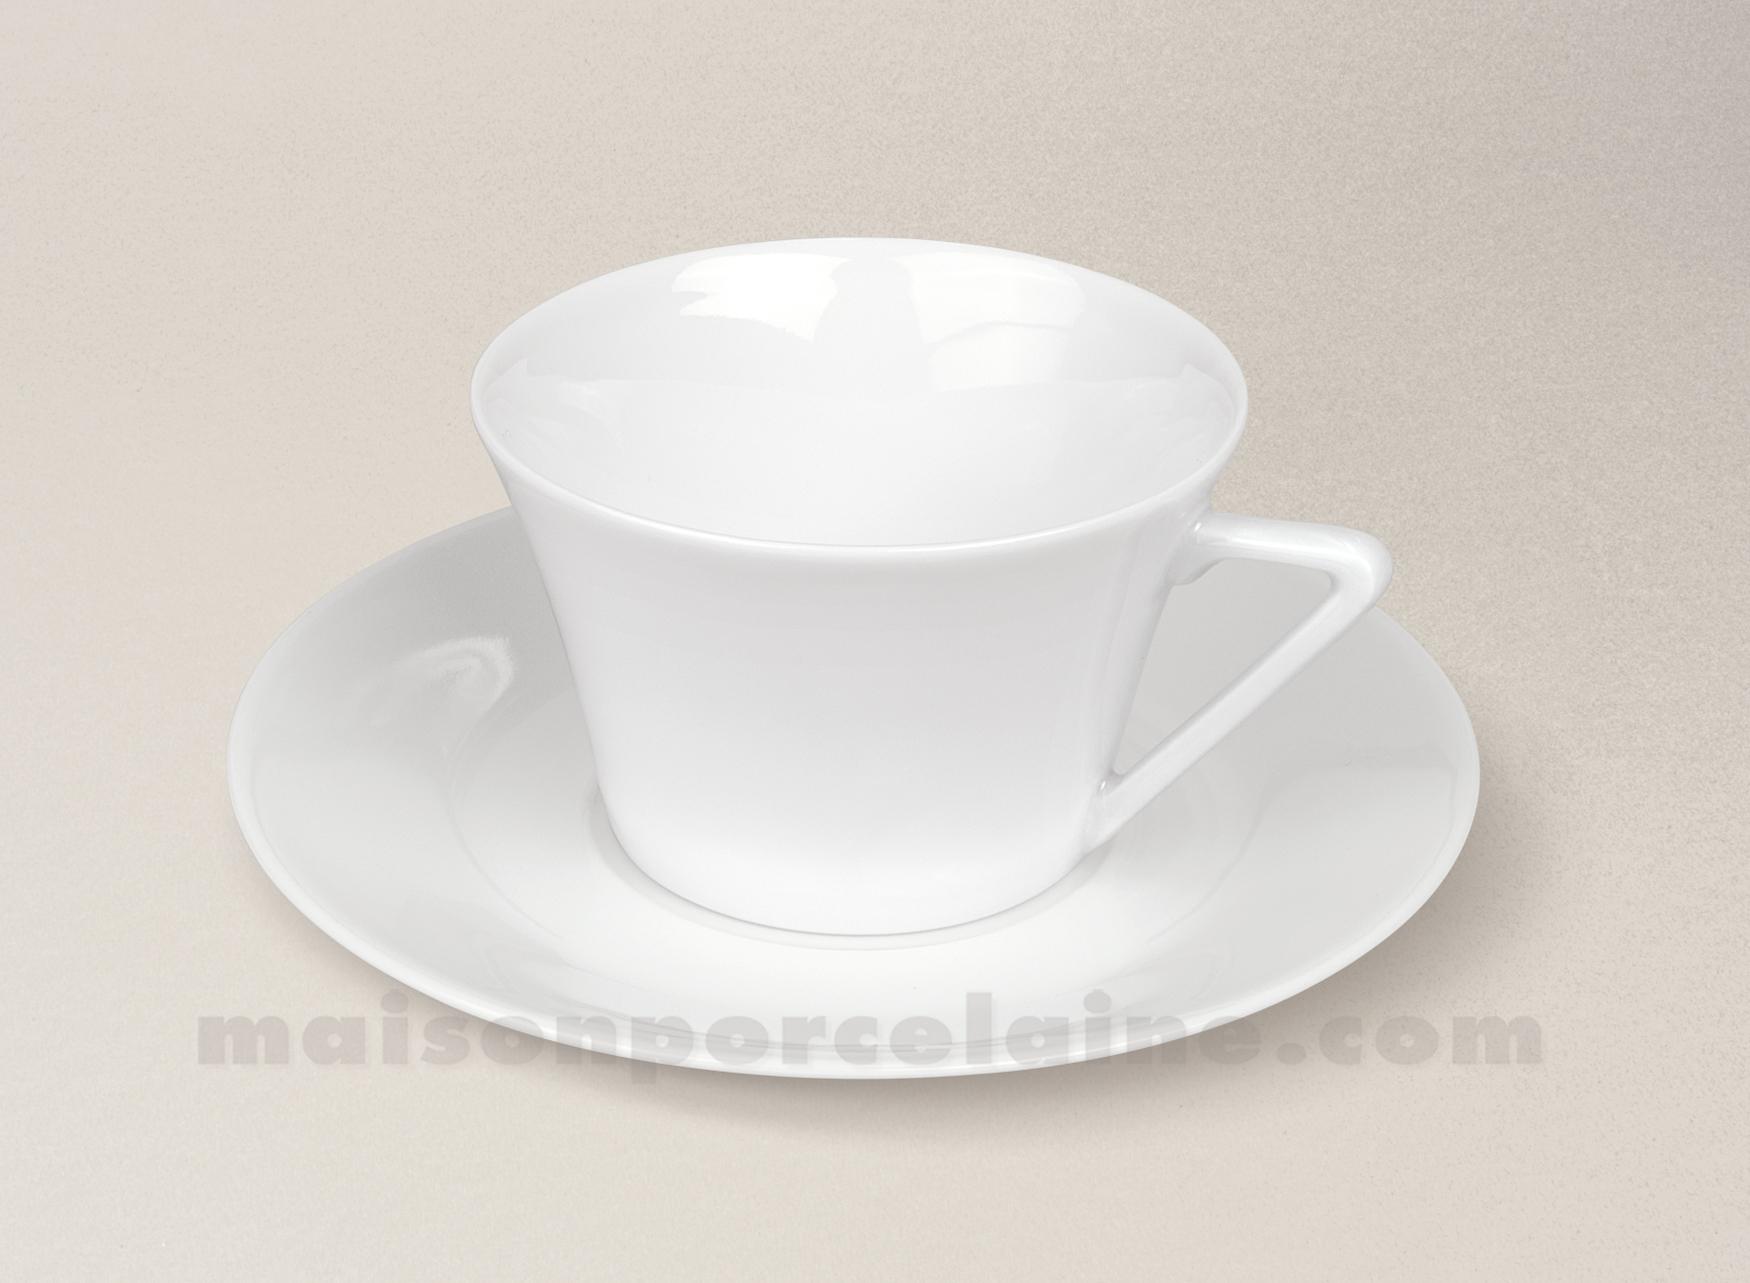 tasse the soucoupe limoges porcelaine blanche haussmann 20cl maison de la porcelaine. Black Bedroom Furniture Sets. Home Design Ideas